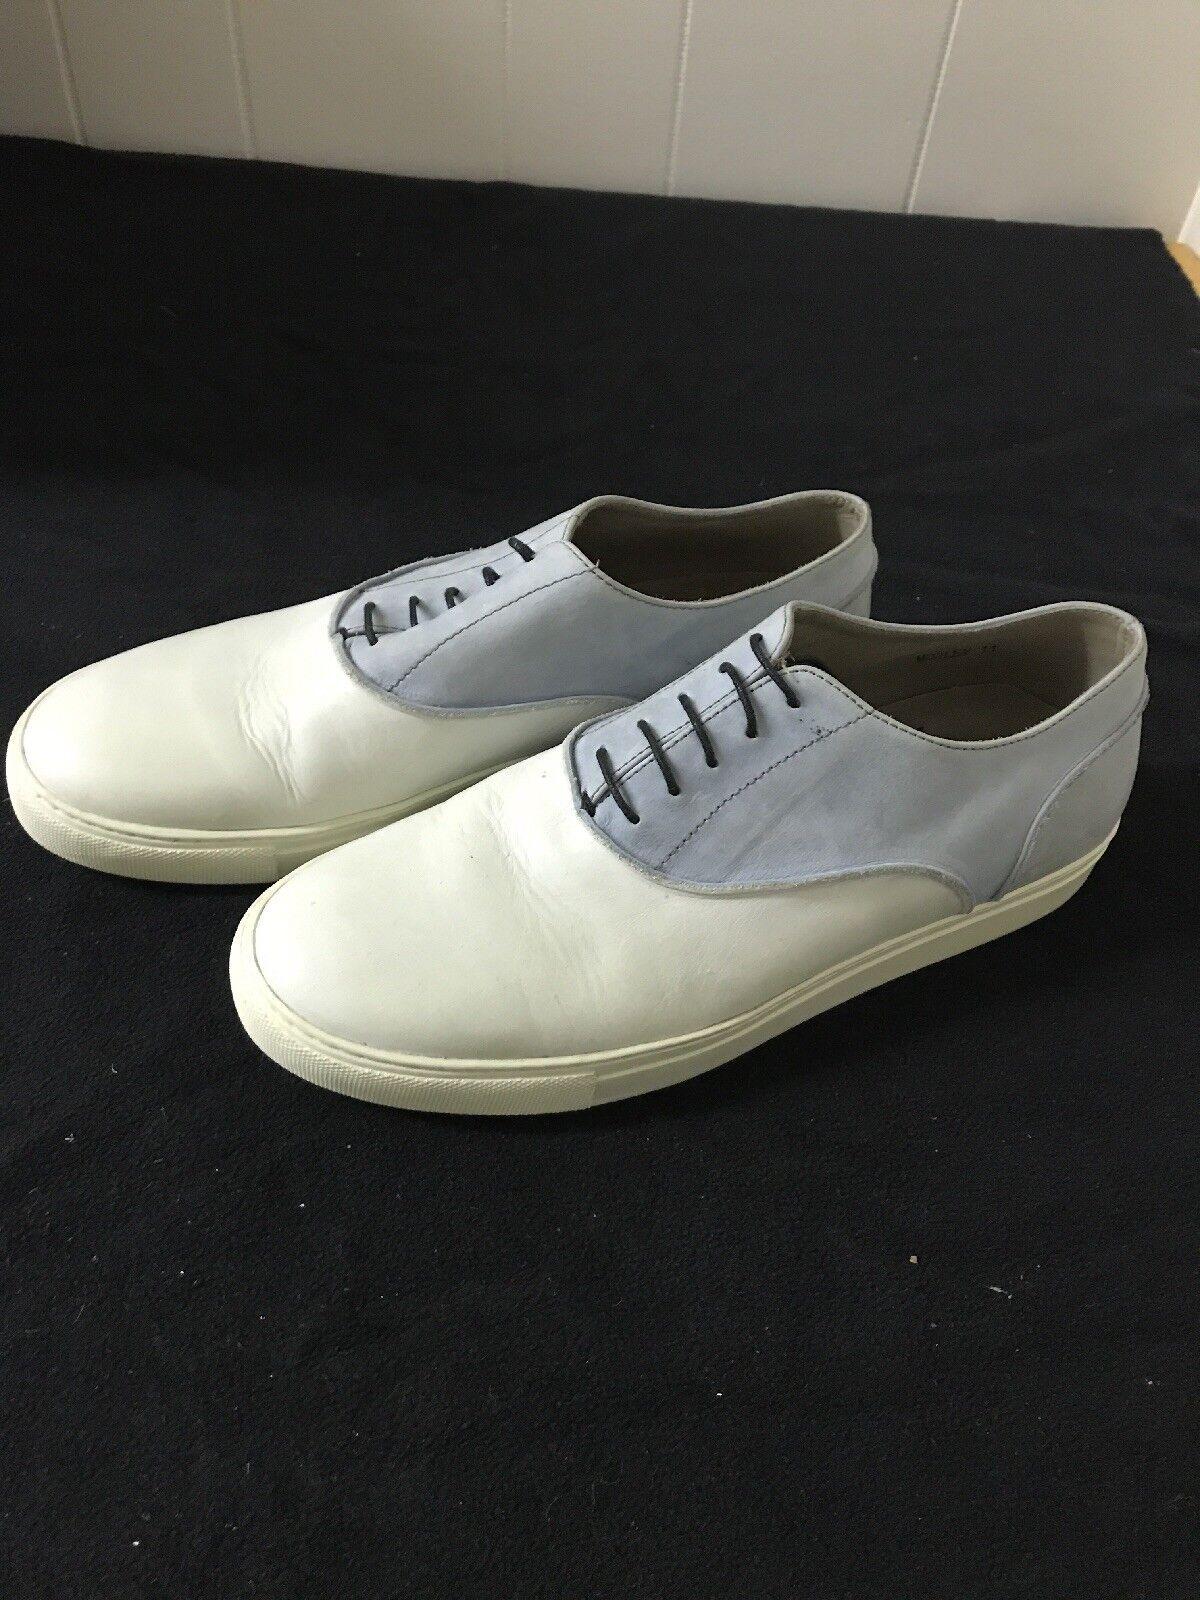 Homme Heutchy Isaac Oxford   Chaussure-Taille 11 porté une fois blanc et bleu clair